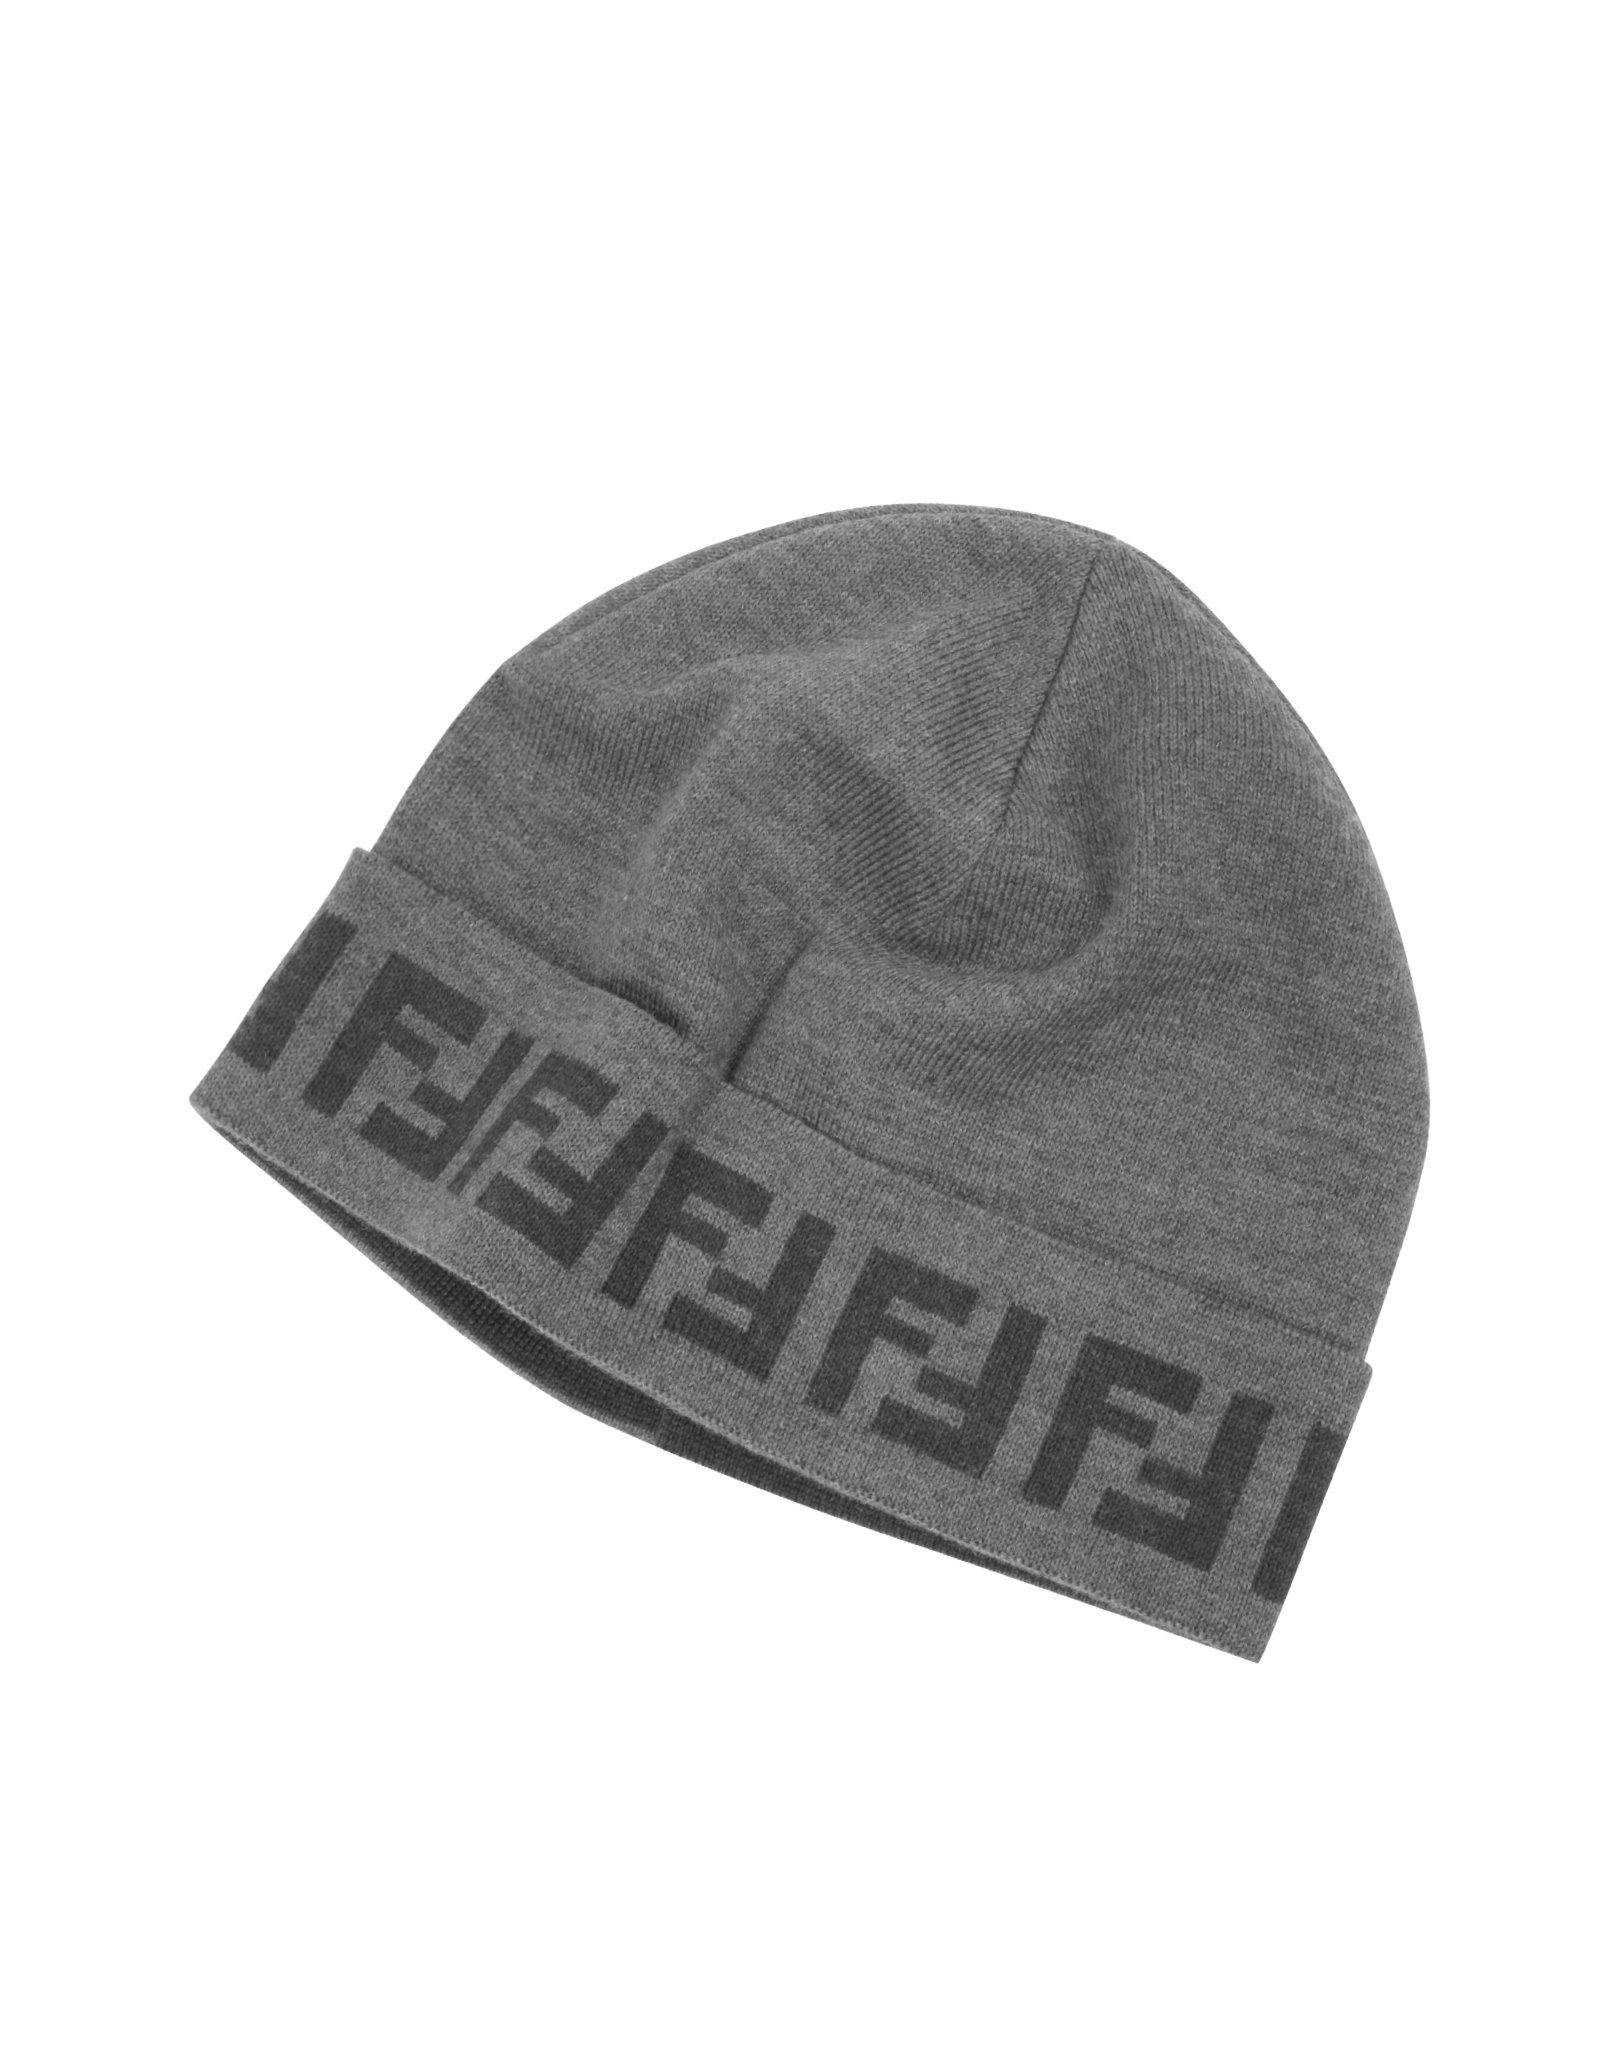 Fendi Zucca Logo Wool Hat in Gray for Men - Lyst 0eebd11b1329